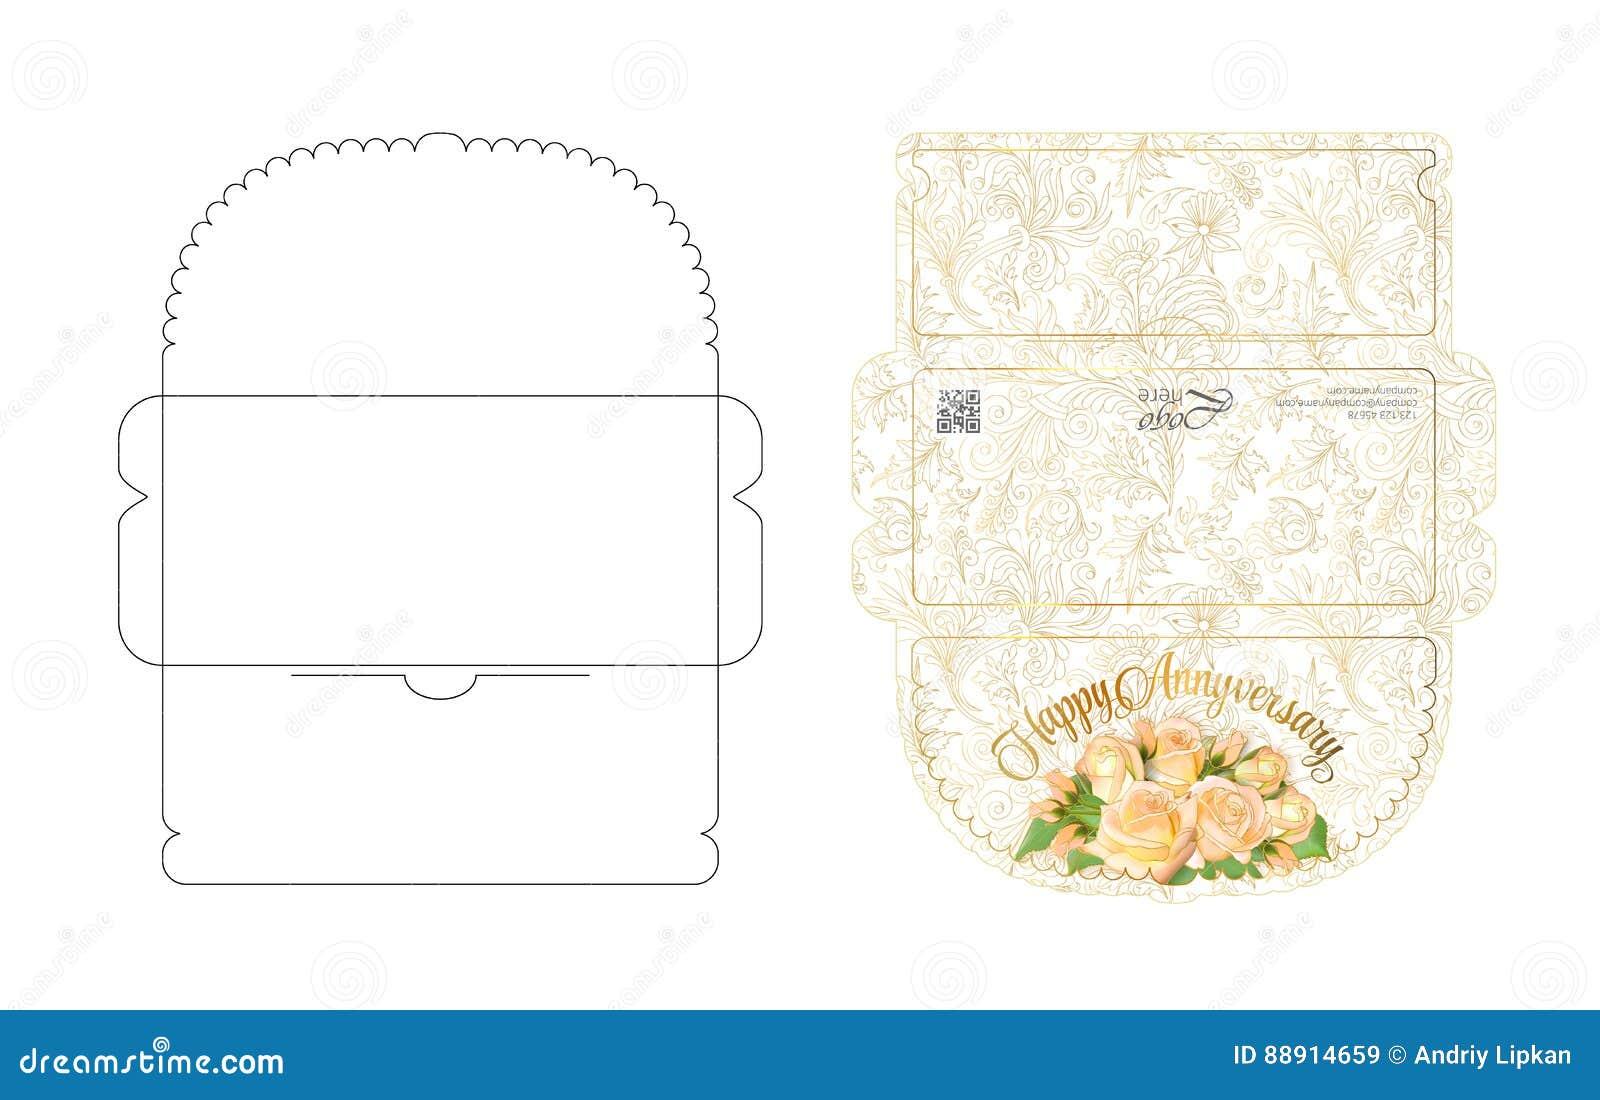 Схемы конвертов для денег своими руками